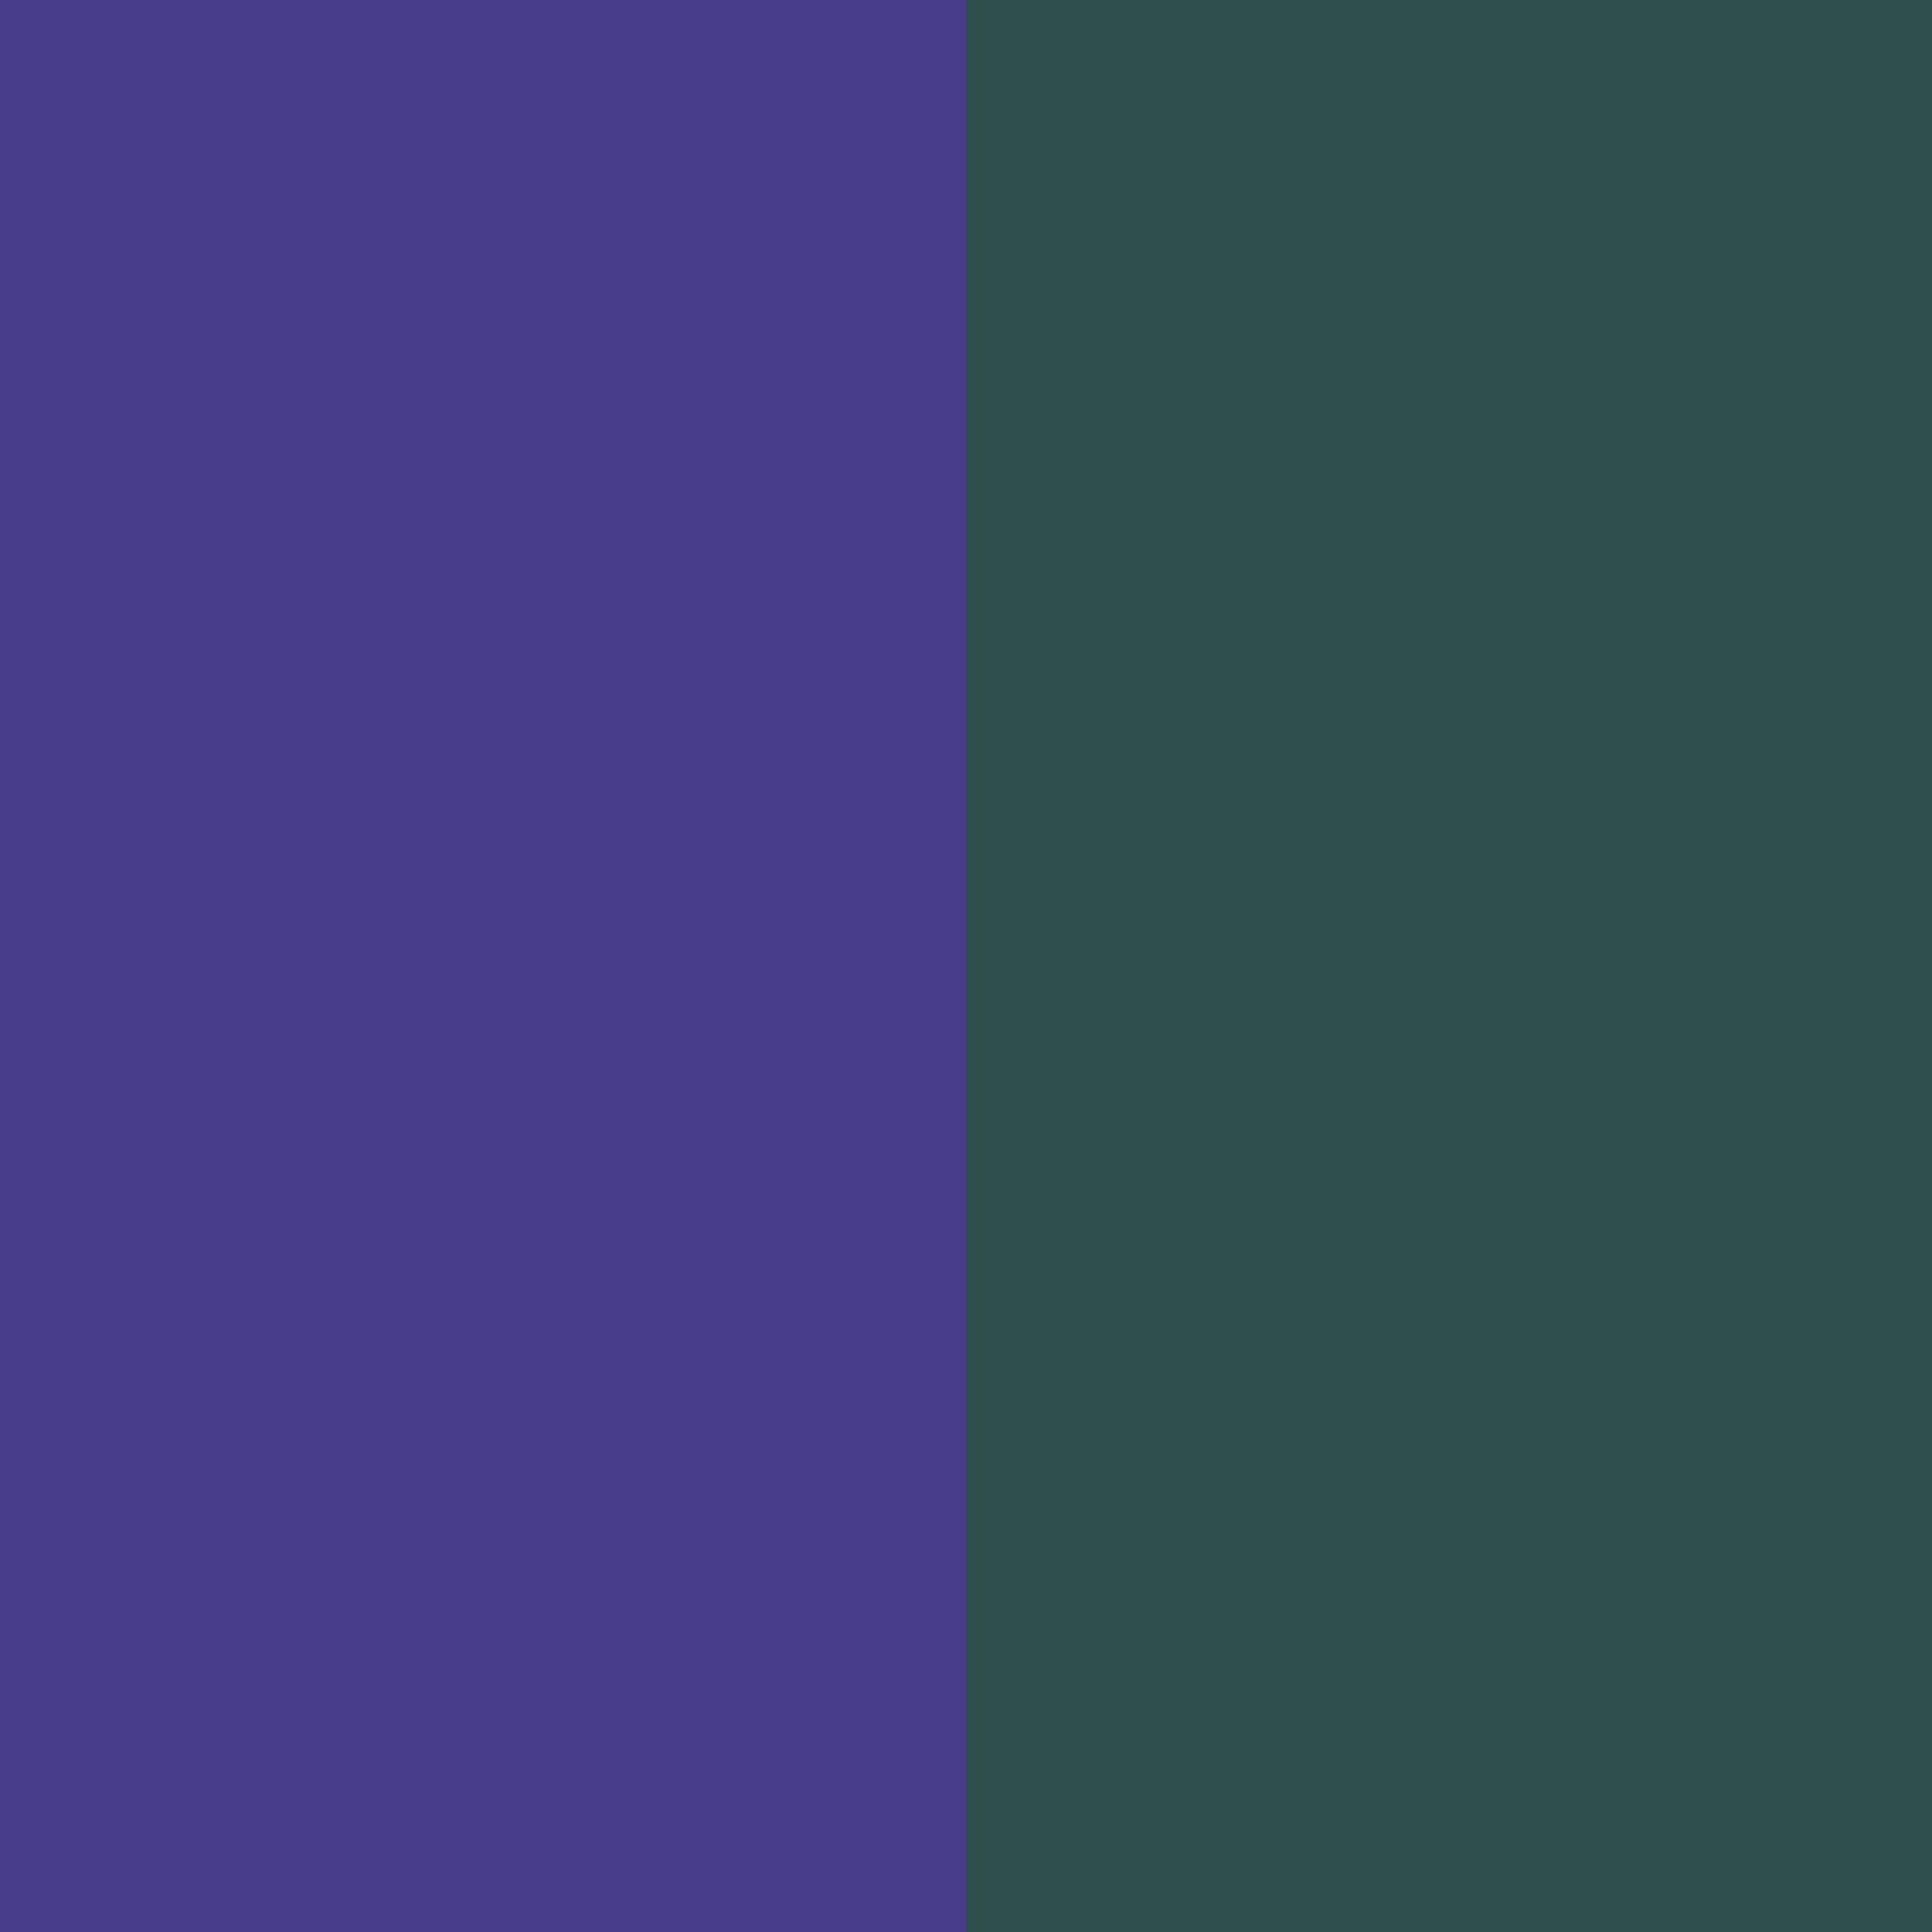 Dark Slate Color : Slate blue wallpaper wallpapersafari